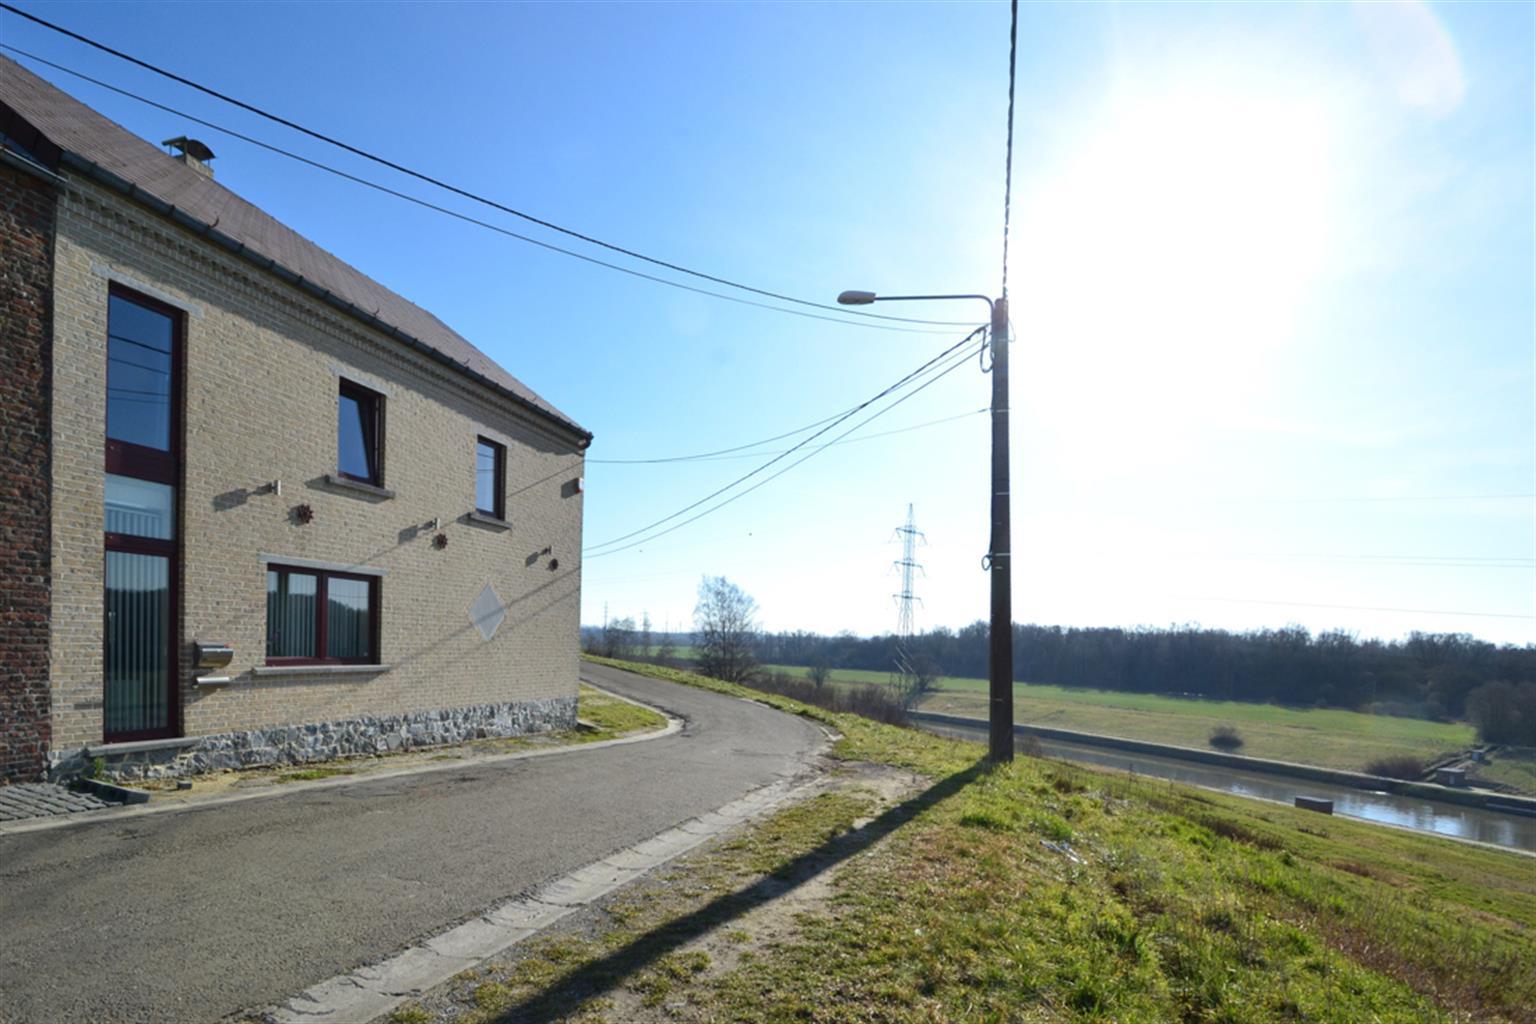 Maison - Gouy-lez-Piéton - #3687432-15